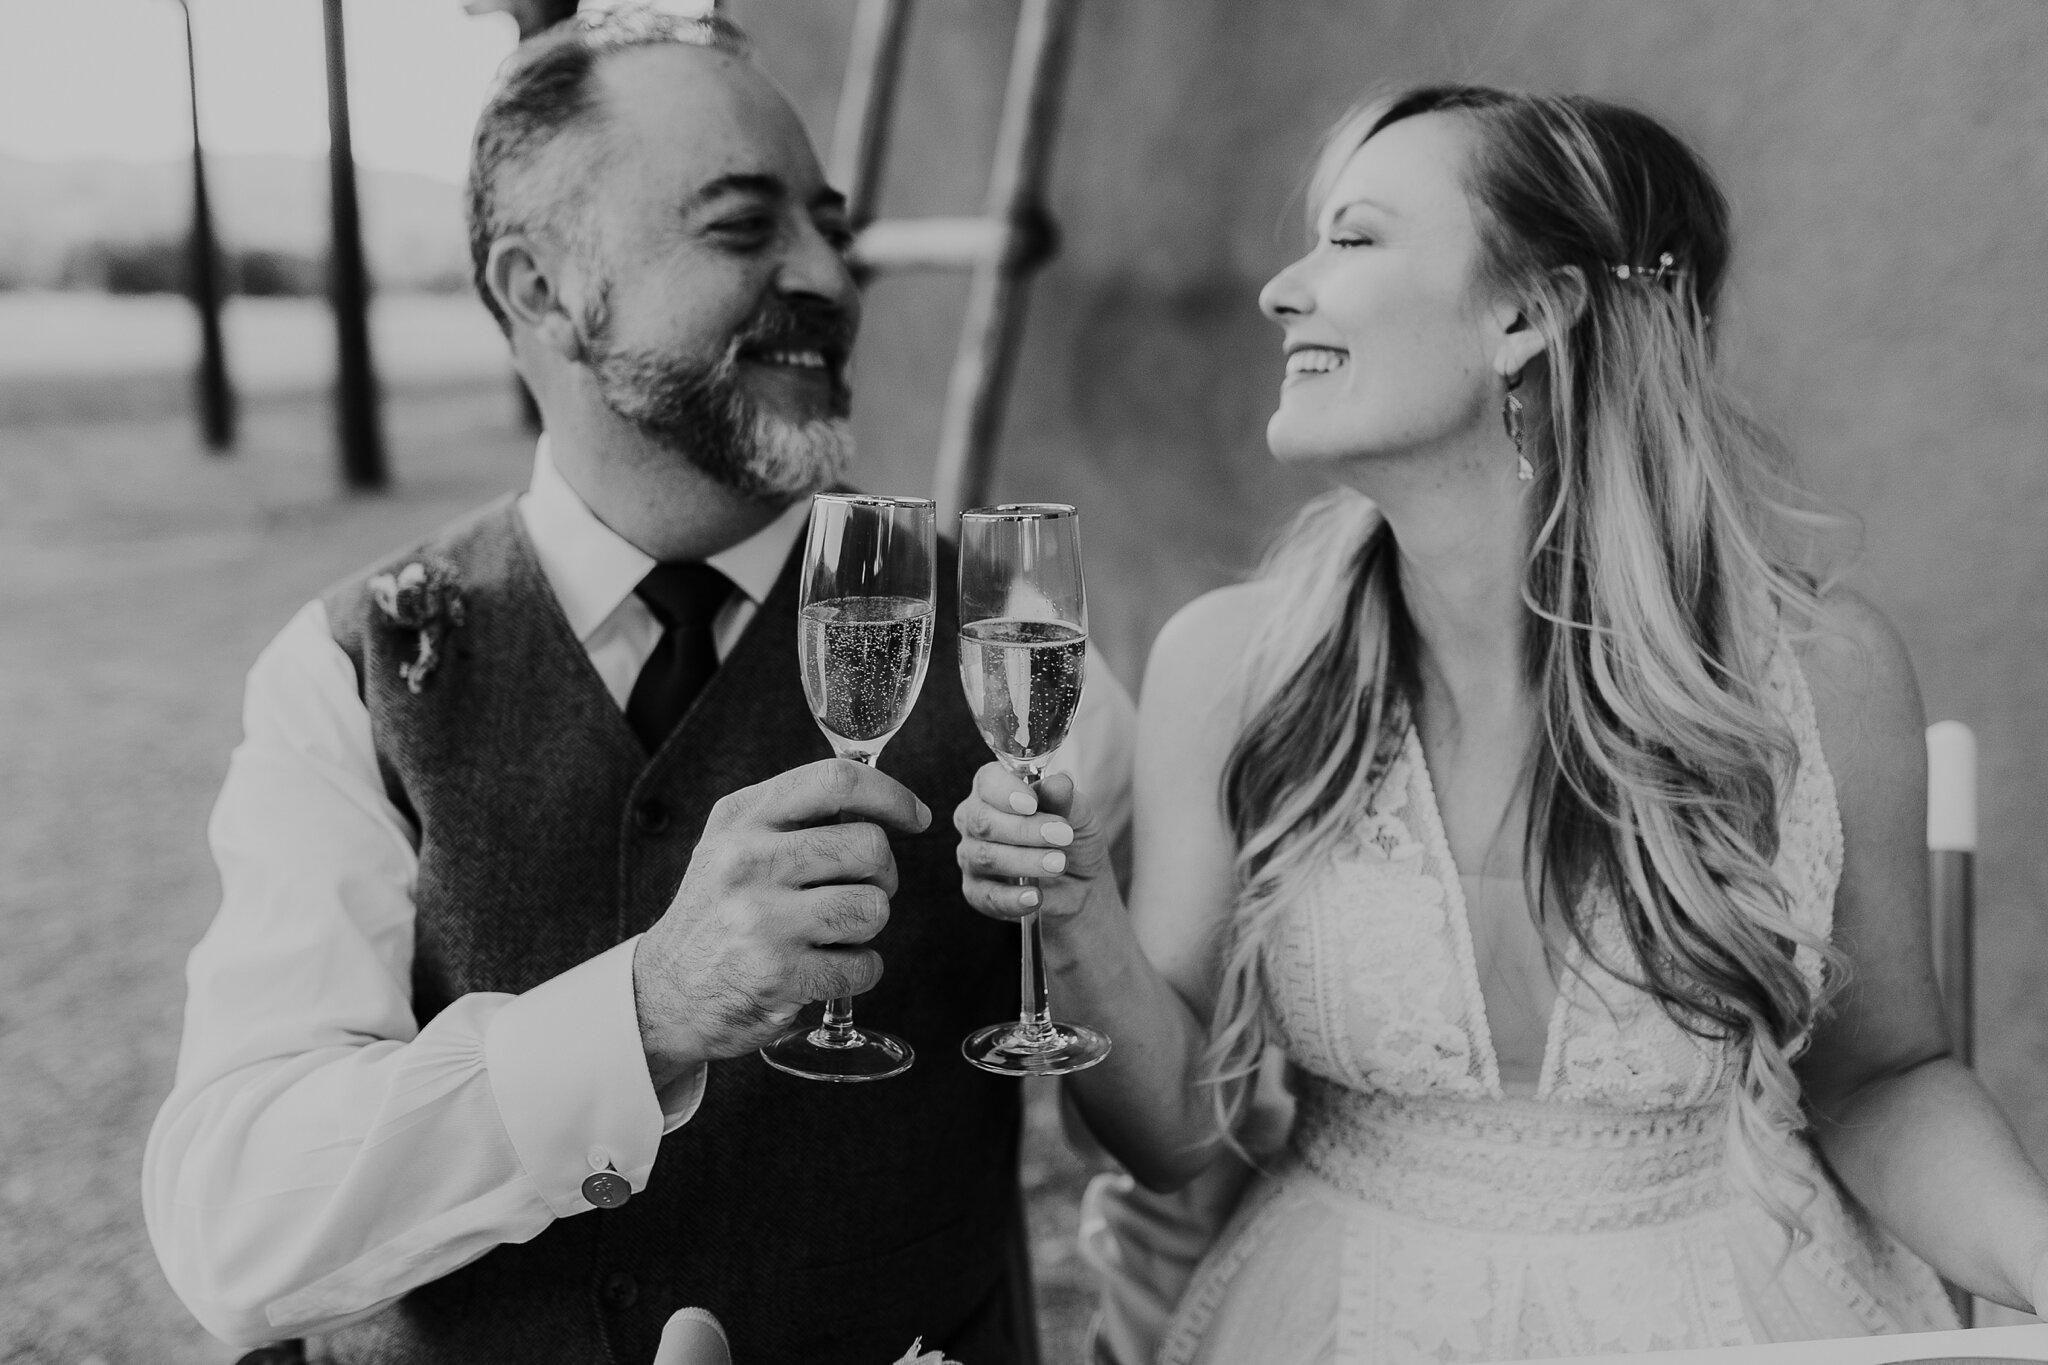 Alicia+lucia+photography+-+albuquerque+wedding+photographer+-+santa+fe+wedding+photography+-+new+mexico+wedding+photographer+-+new+mexico+wedding+-+wedding+-+santa+fe+wedding+-+ghost+ranch+-+ghost+ranch+wedding+-+fall+wedding_0076.jpg